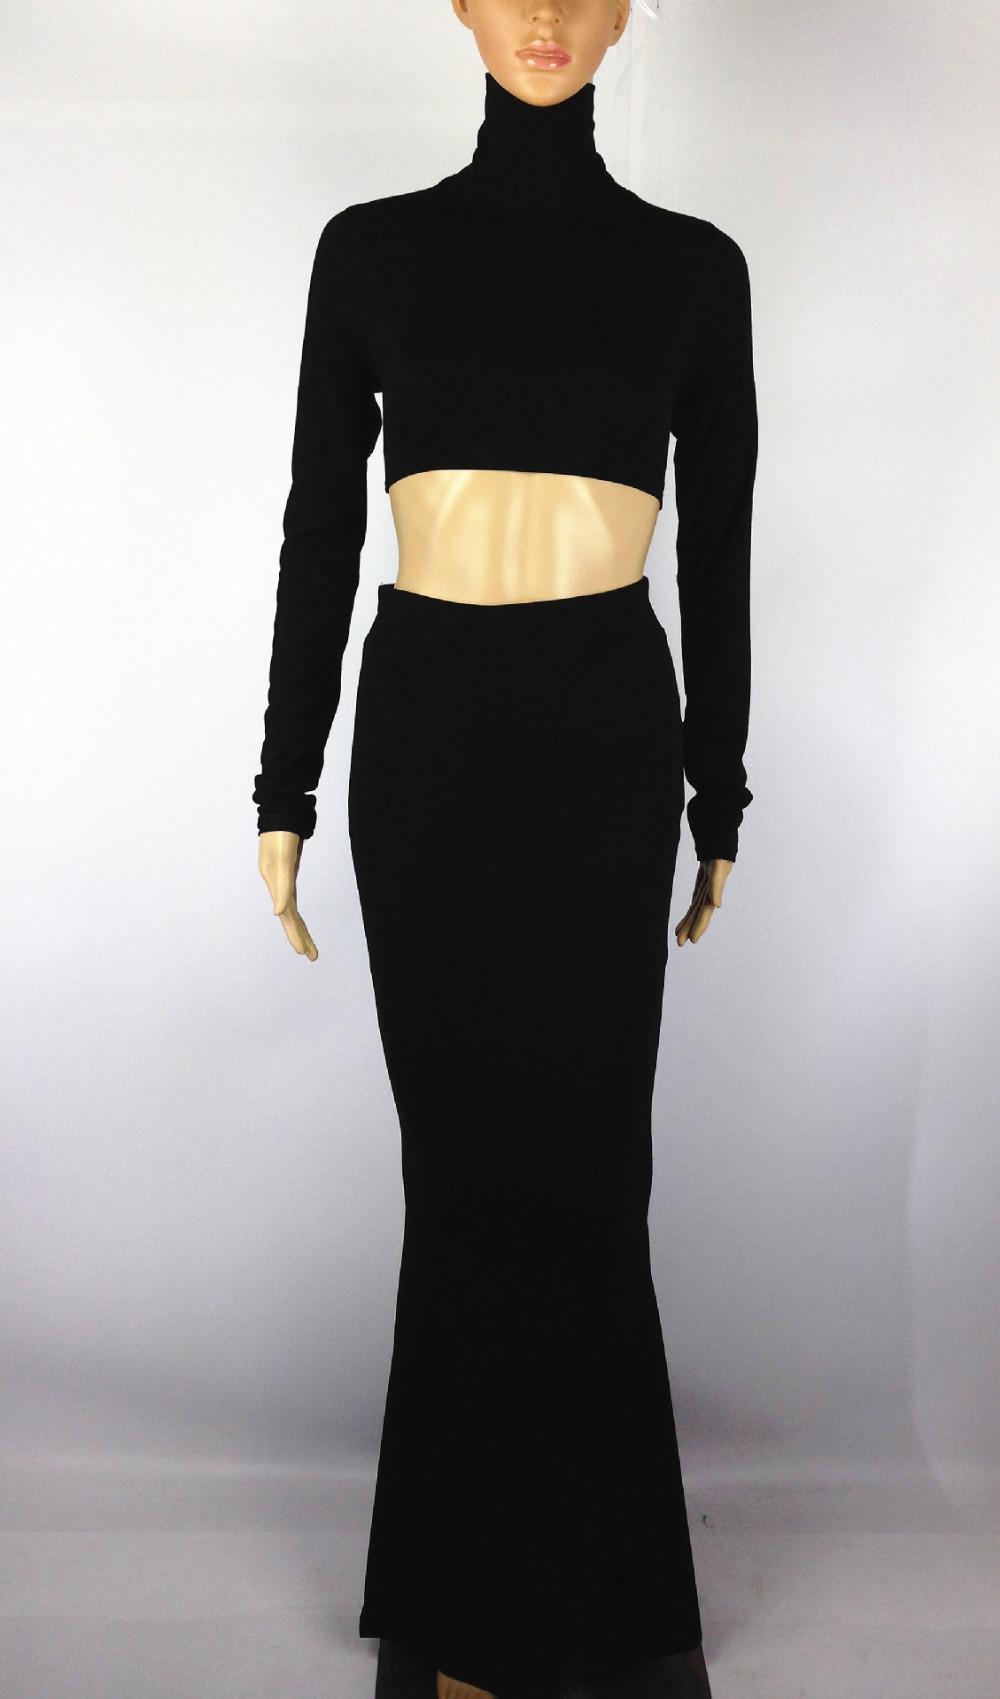 к 2015 году новых женщин мода сексуальный бандаж bodycon партии платье хлопок высокий воротник выдалбливают спинки тело обернуть Длина до пола Платья